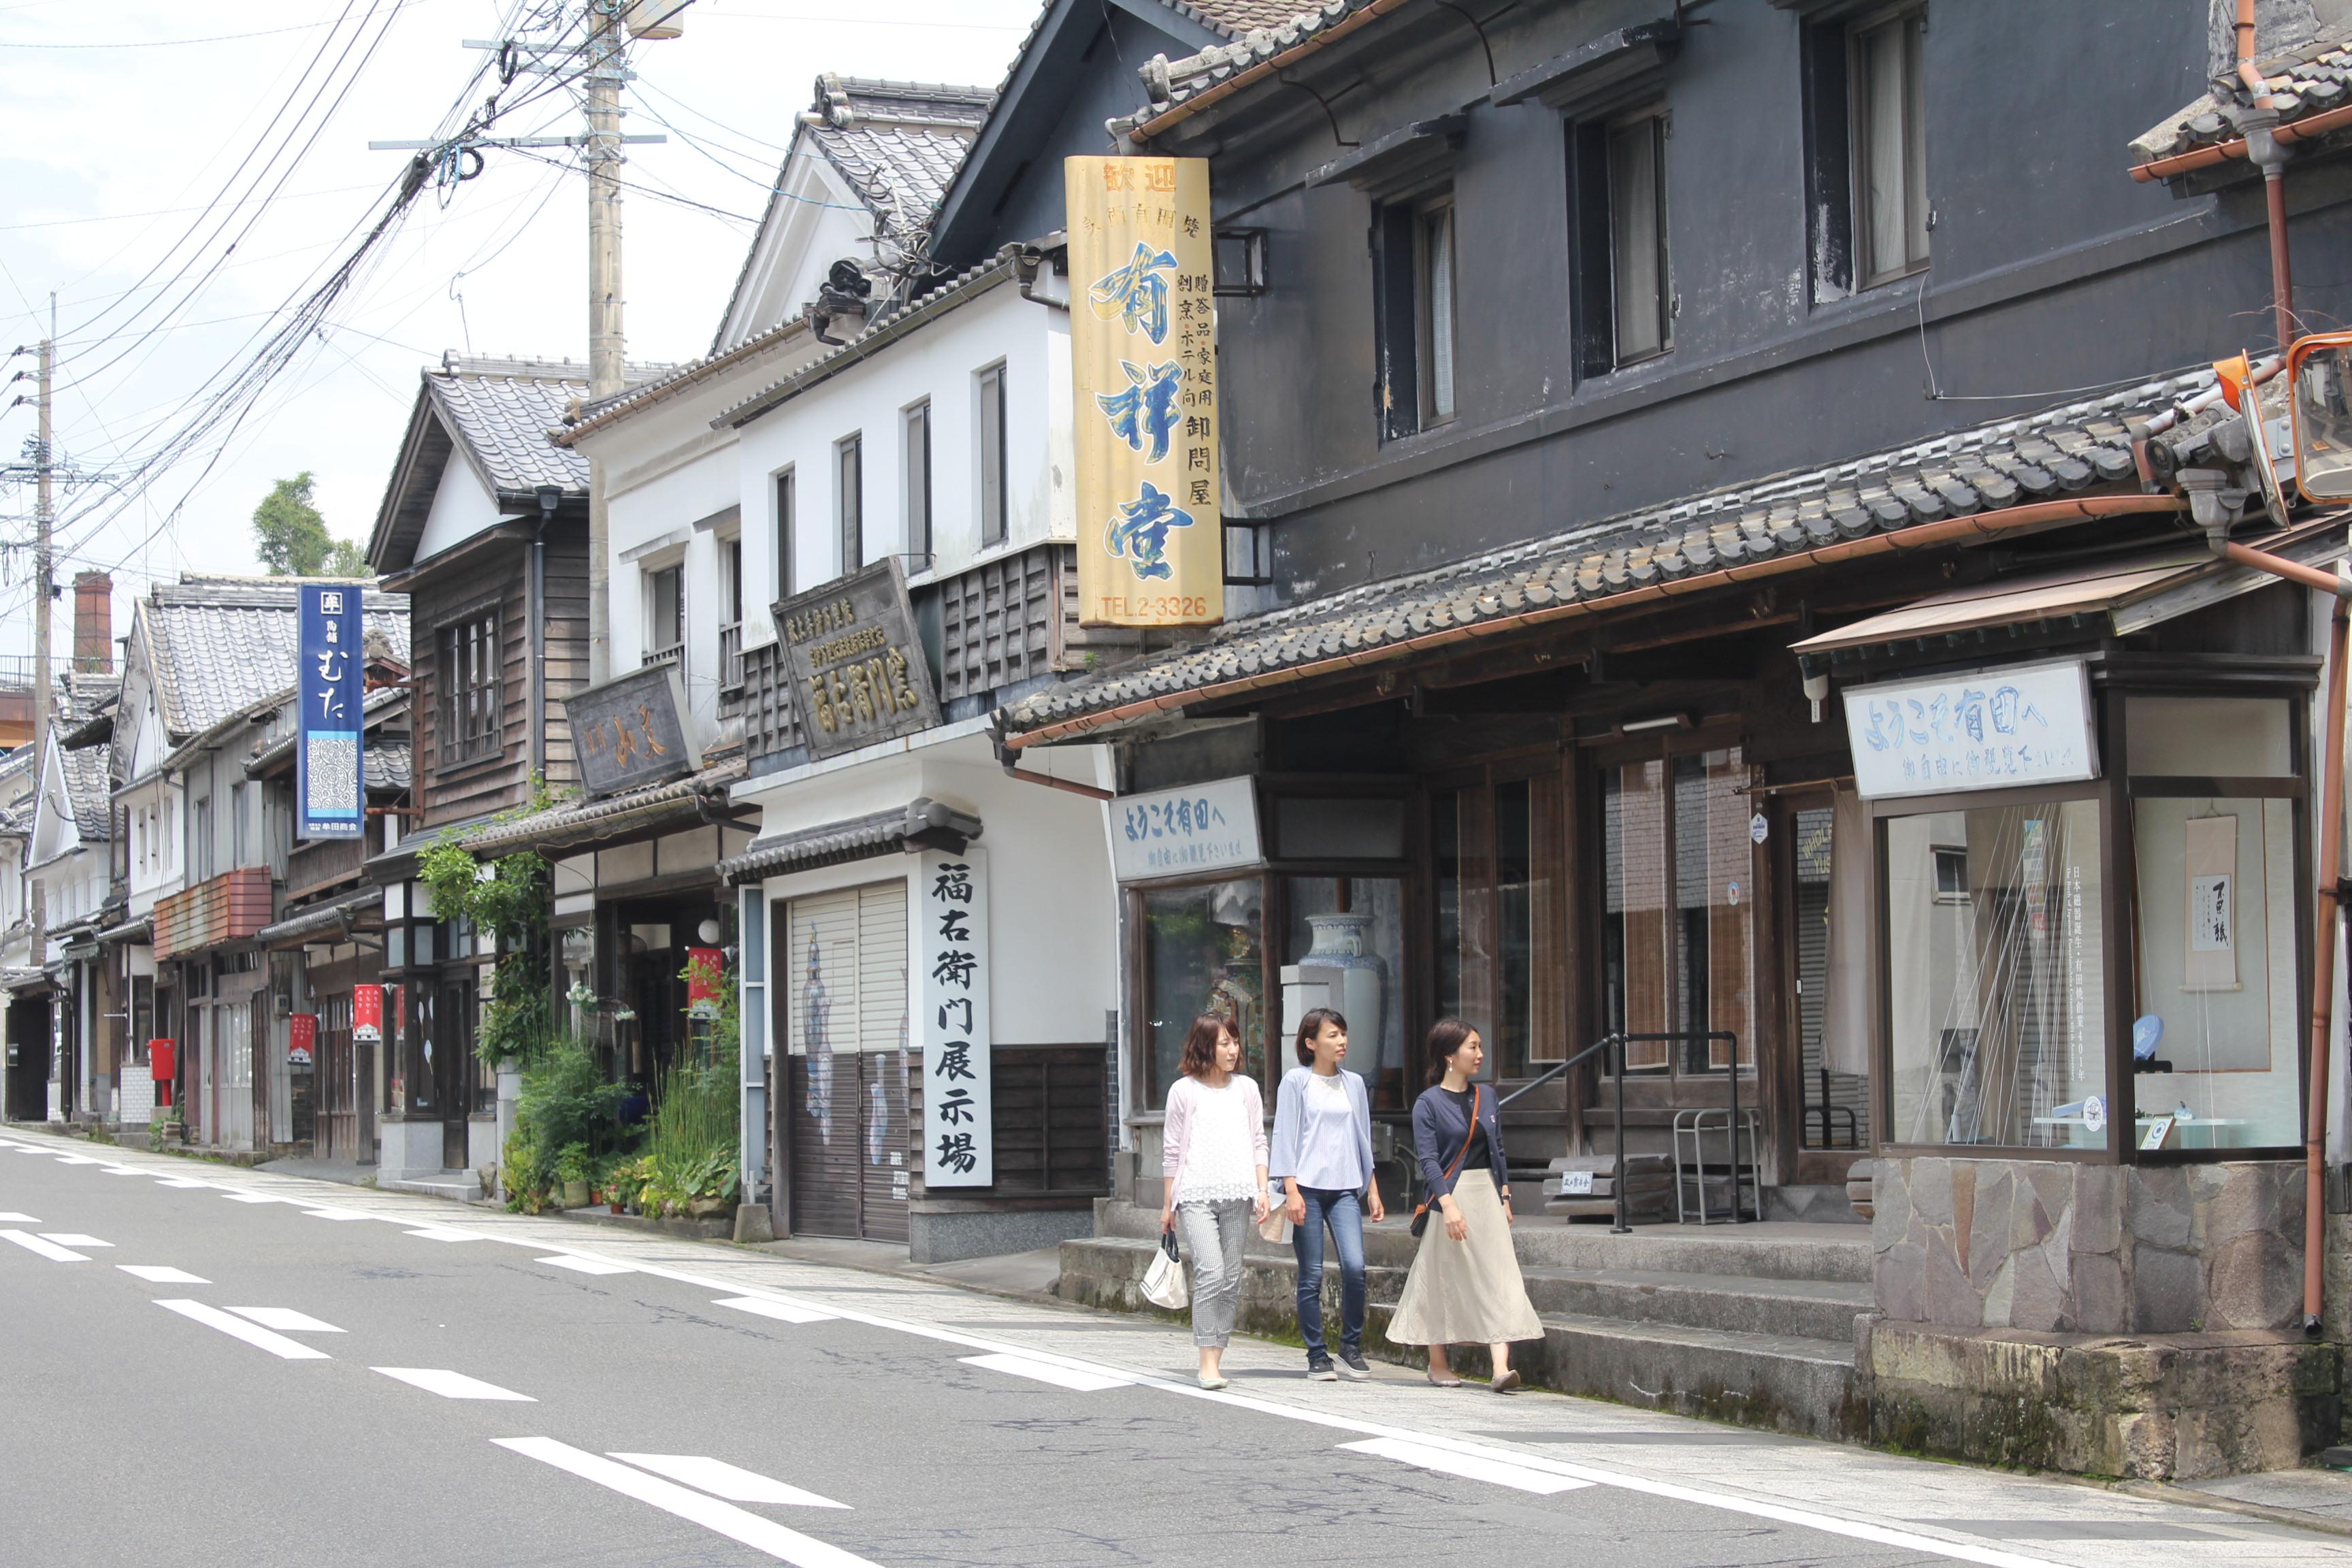 有田町観光協会お墨付き!有田を満喫するおすすめスポットやグルメをご紹介!